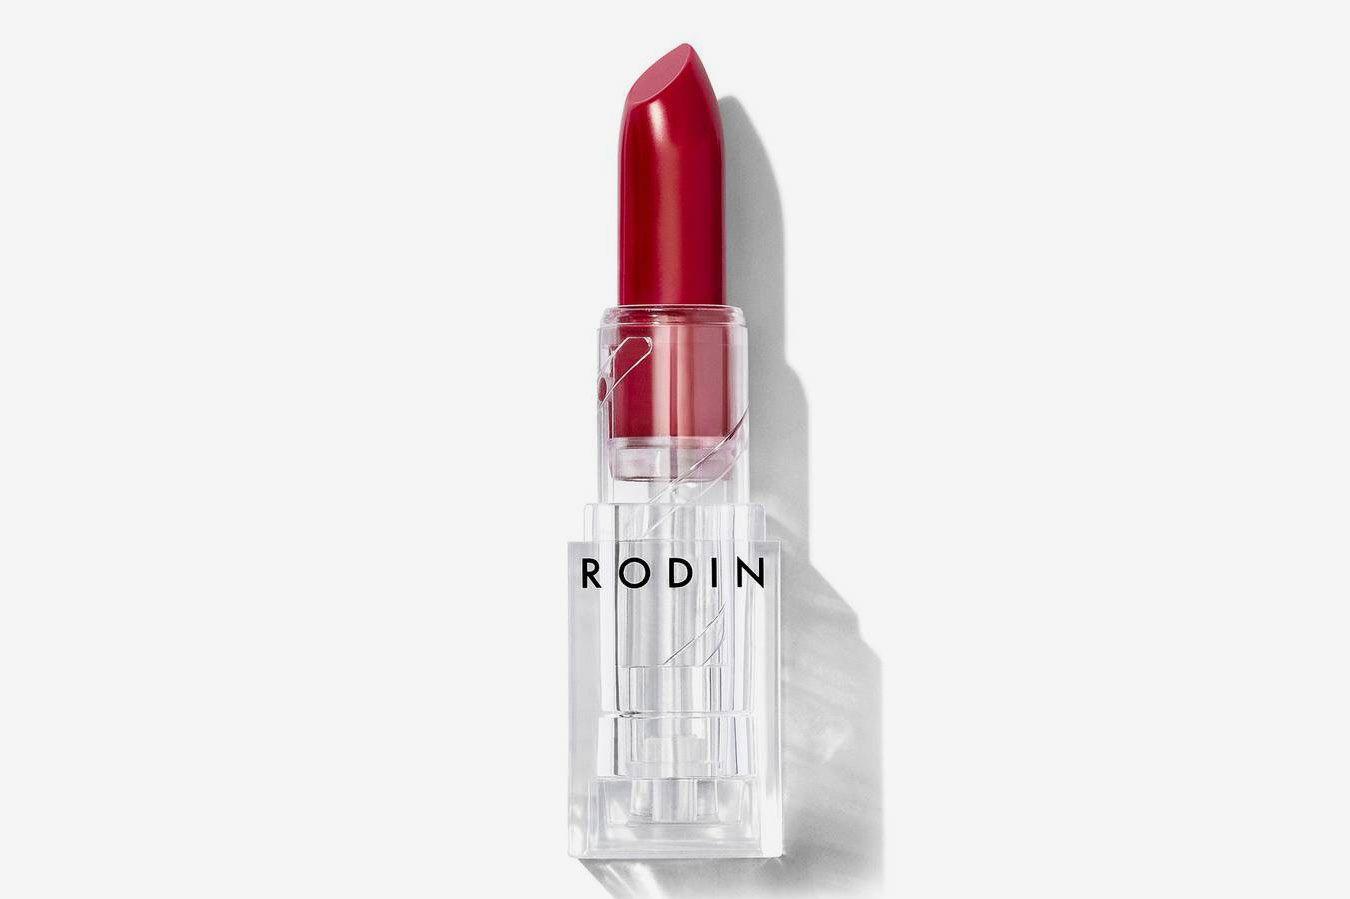 RODIN OLIO LUSSO Luxe Lipstick